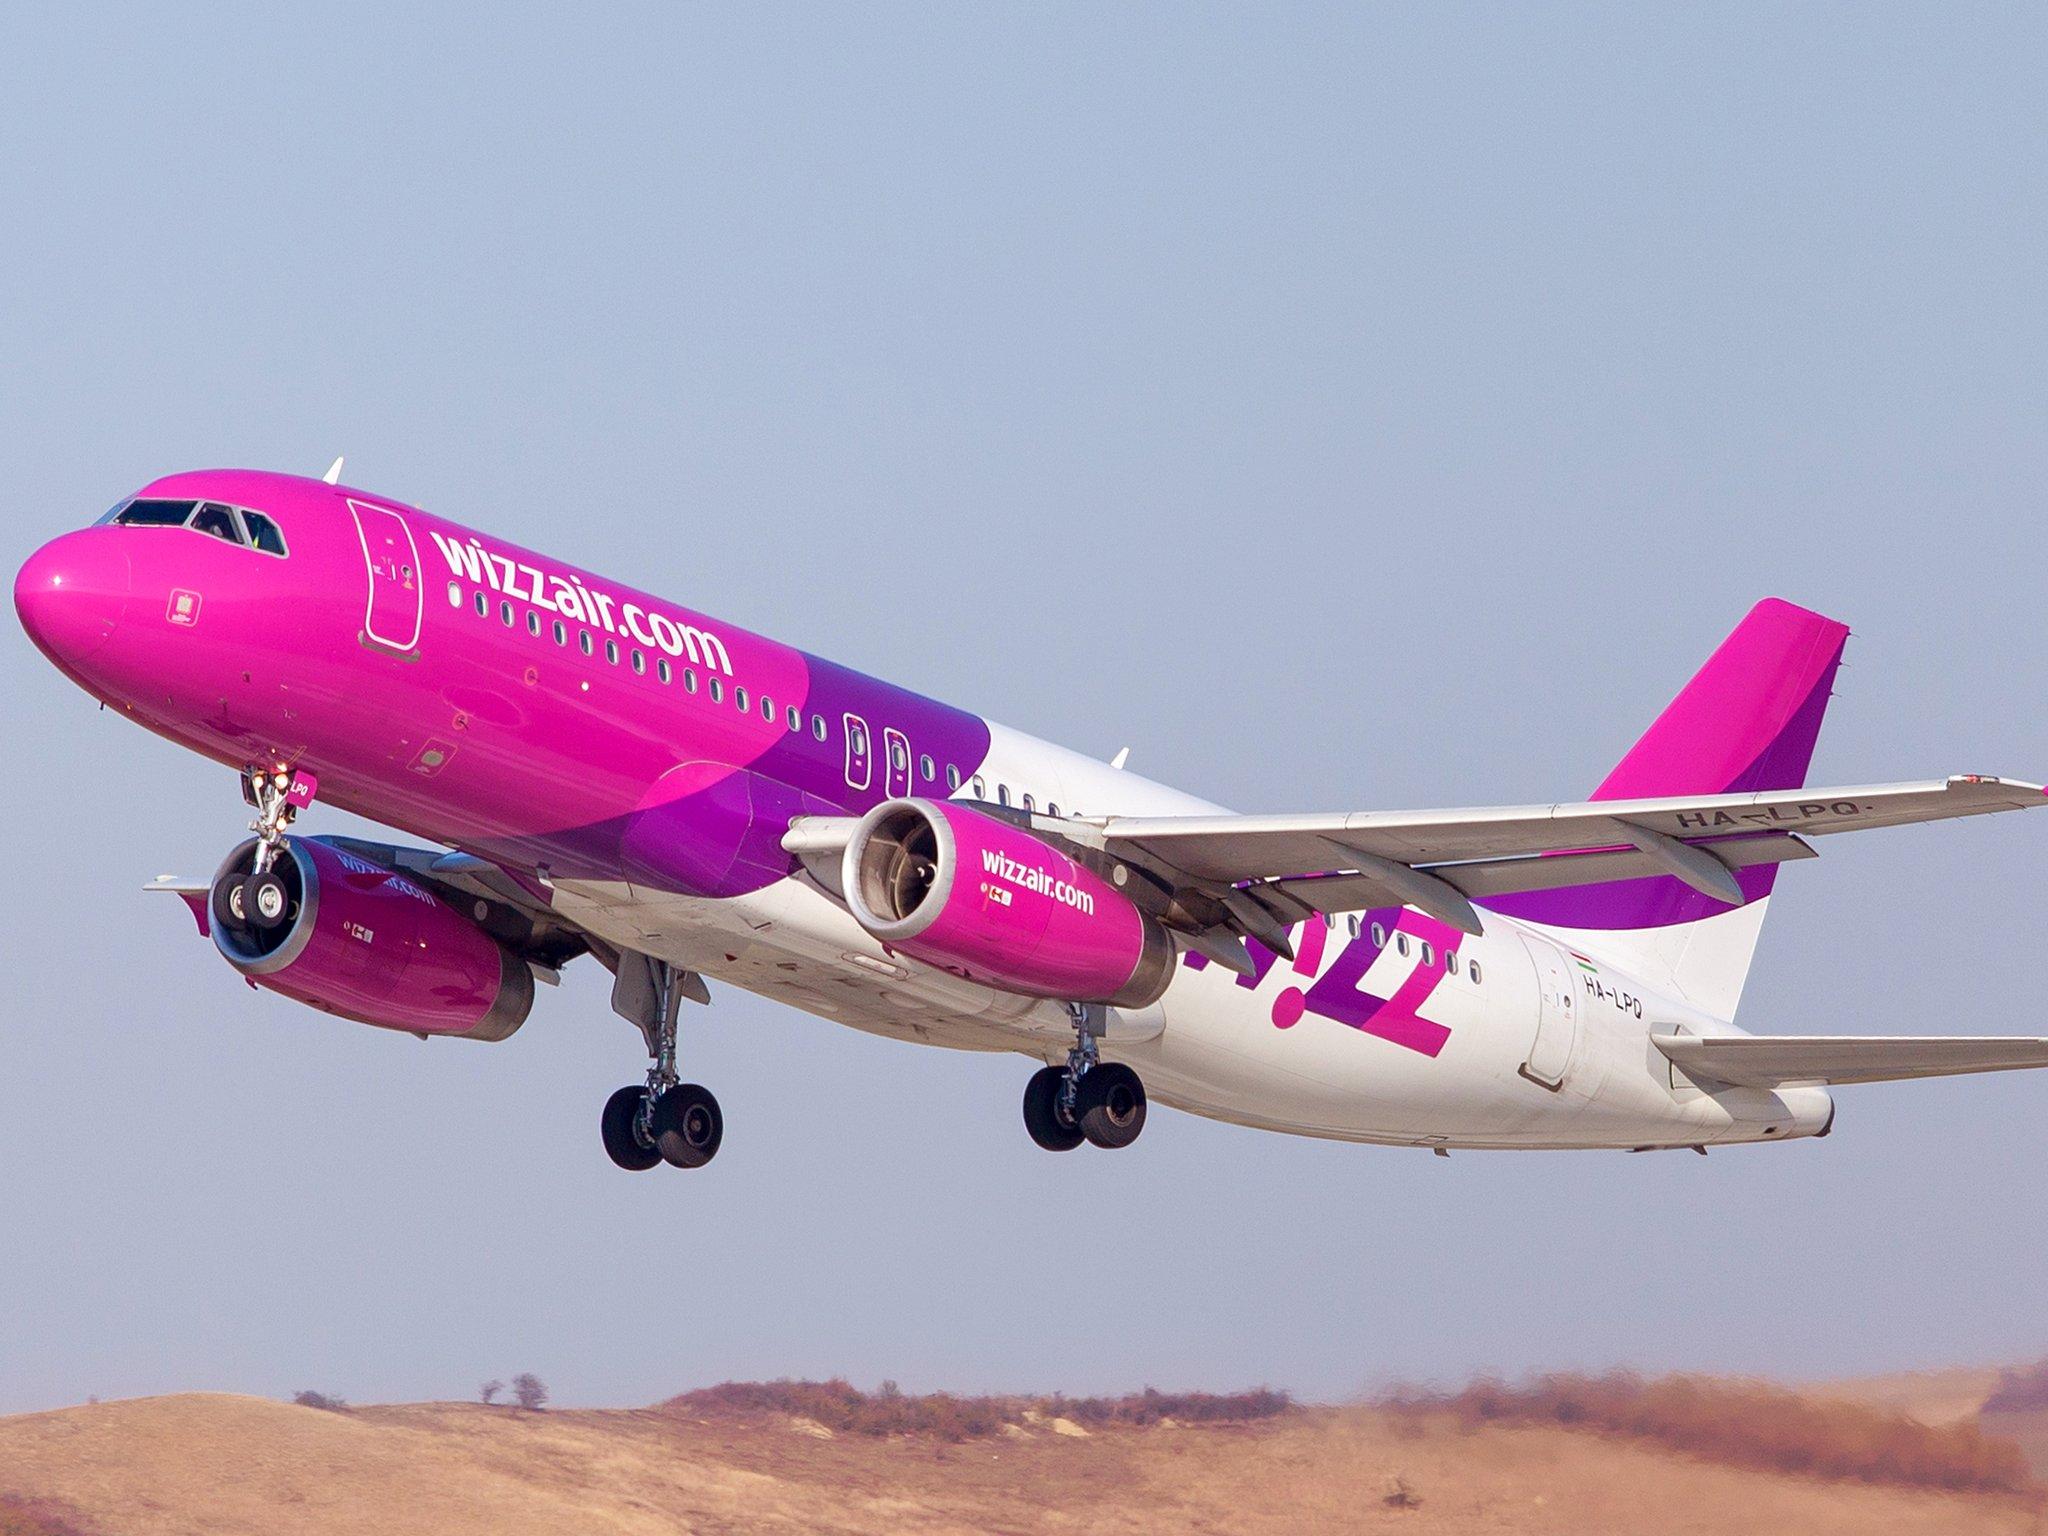 Wizz Air va avea în acest an o creștere a numărului de pasageri și a profitului